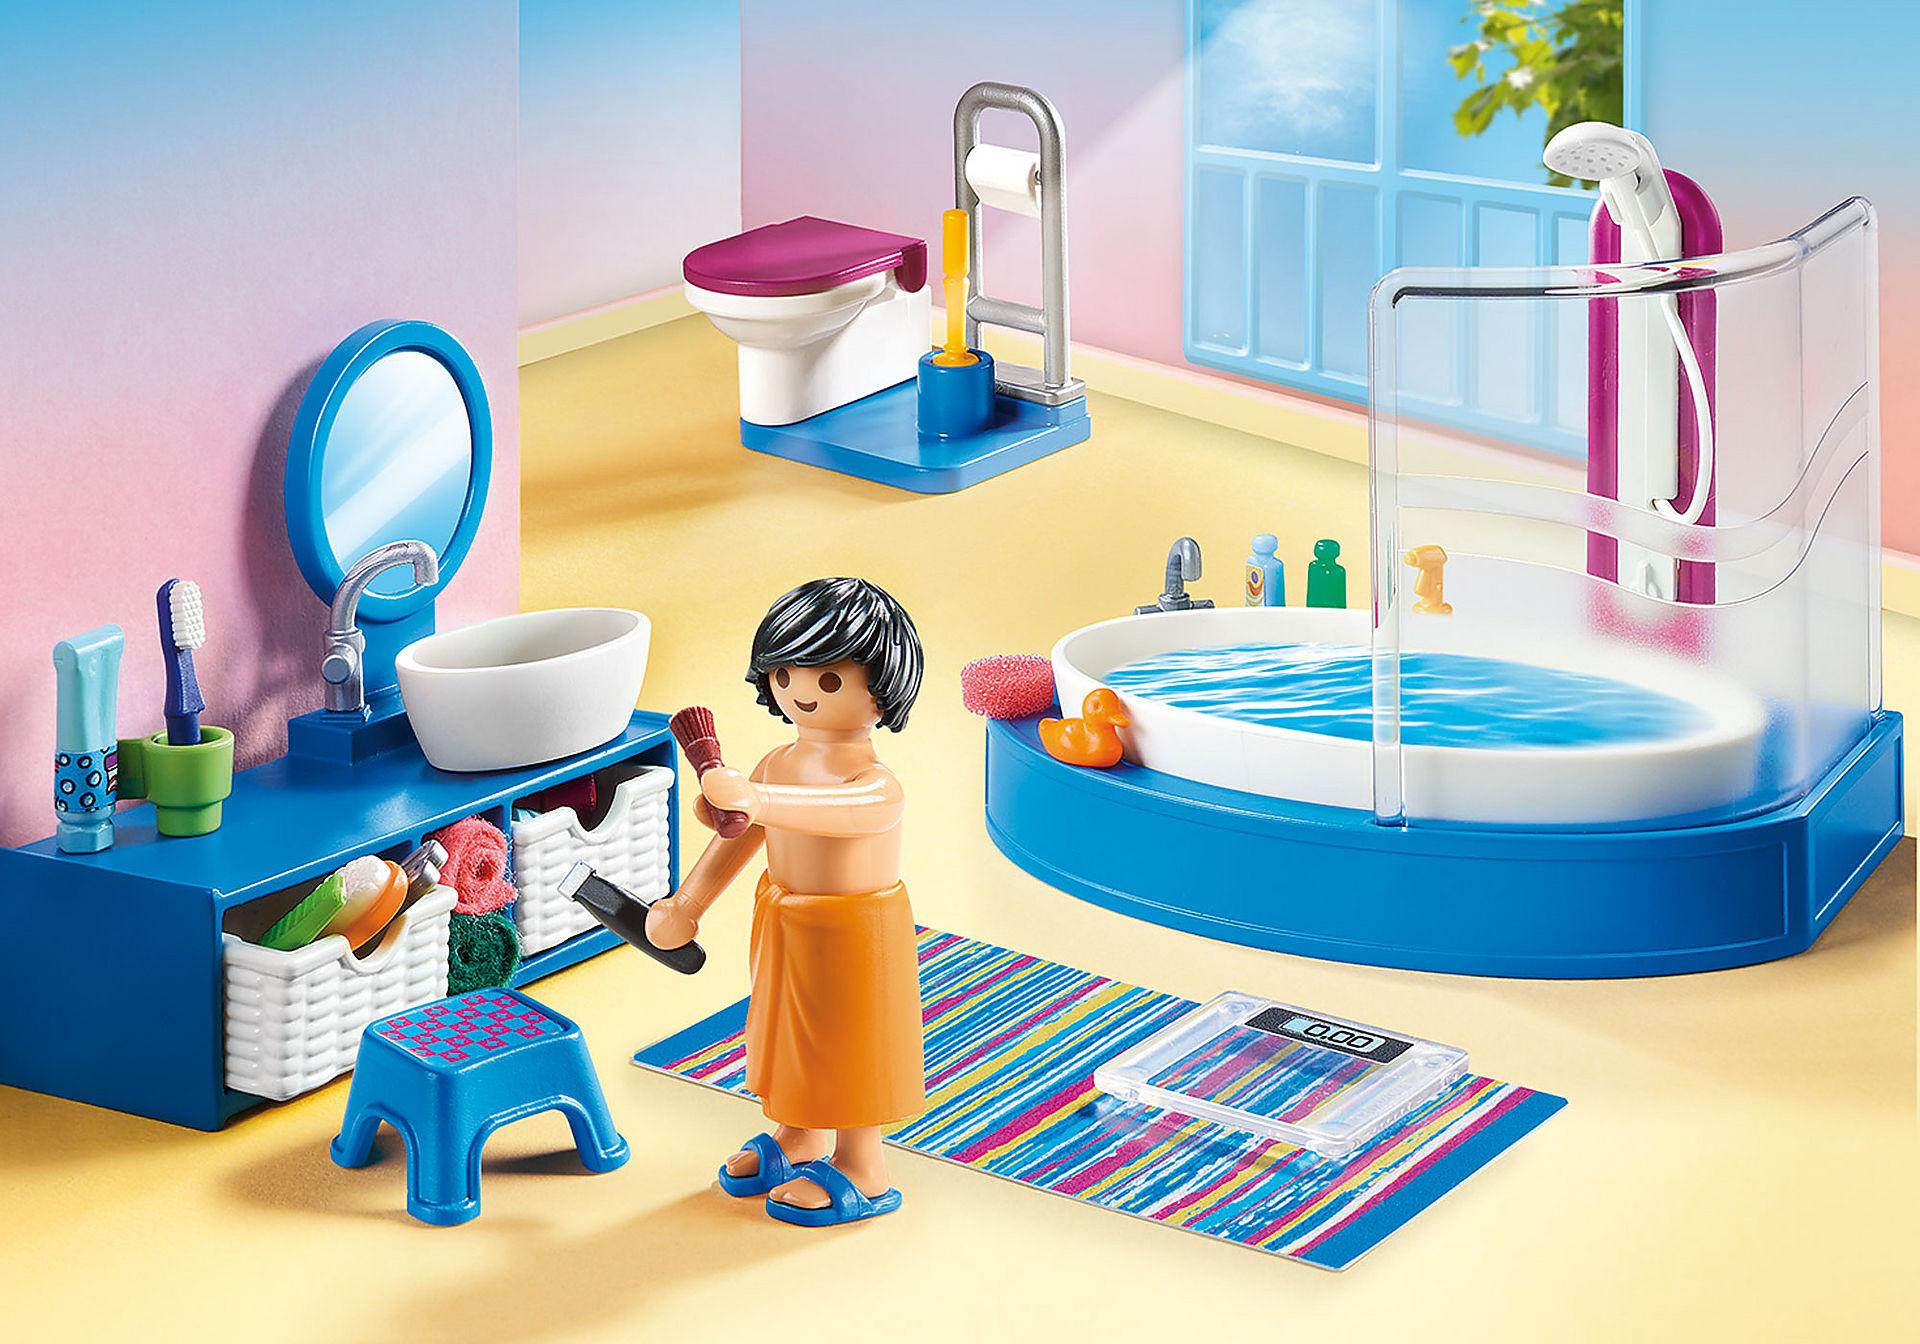 70211 Salle de bain avec baignoire  zoom image1